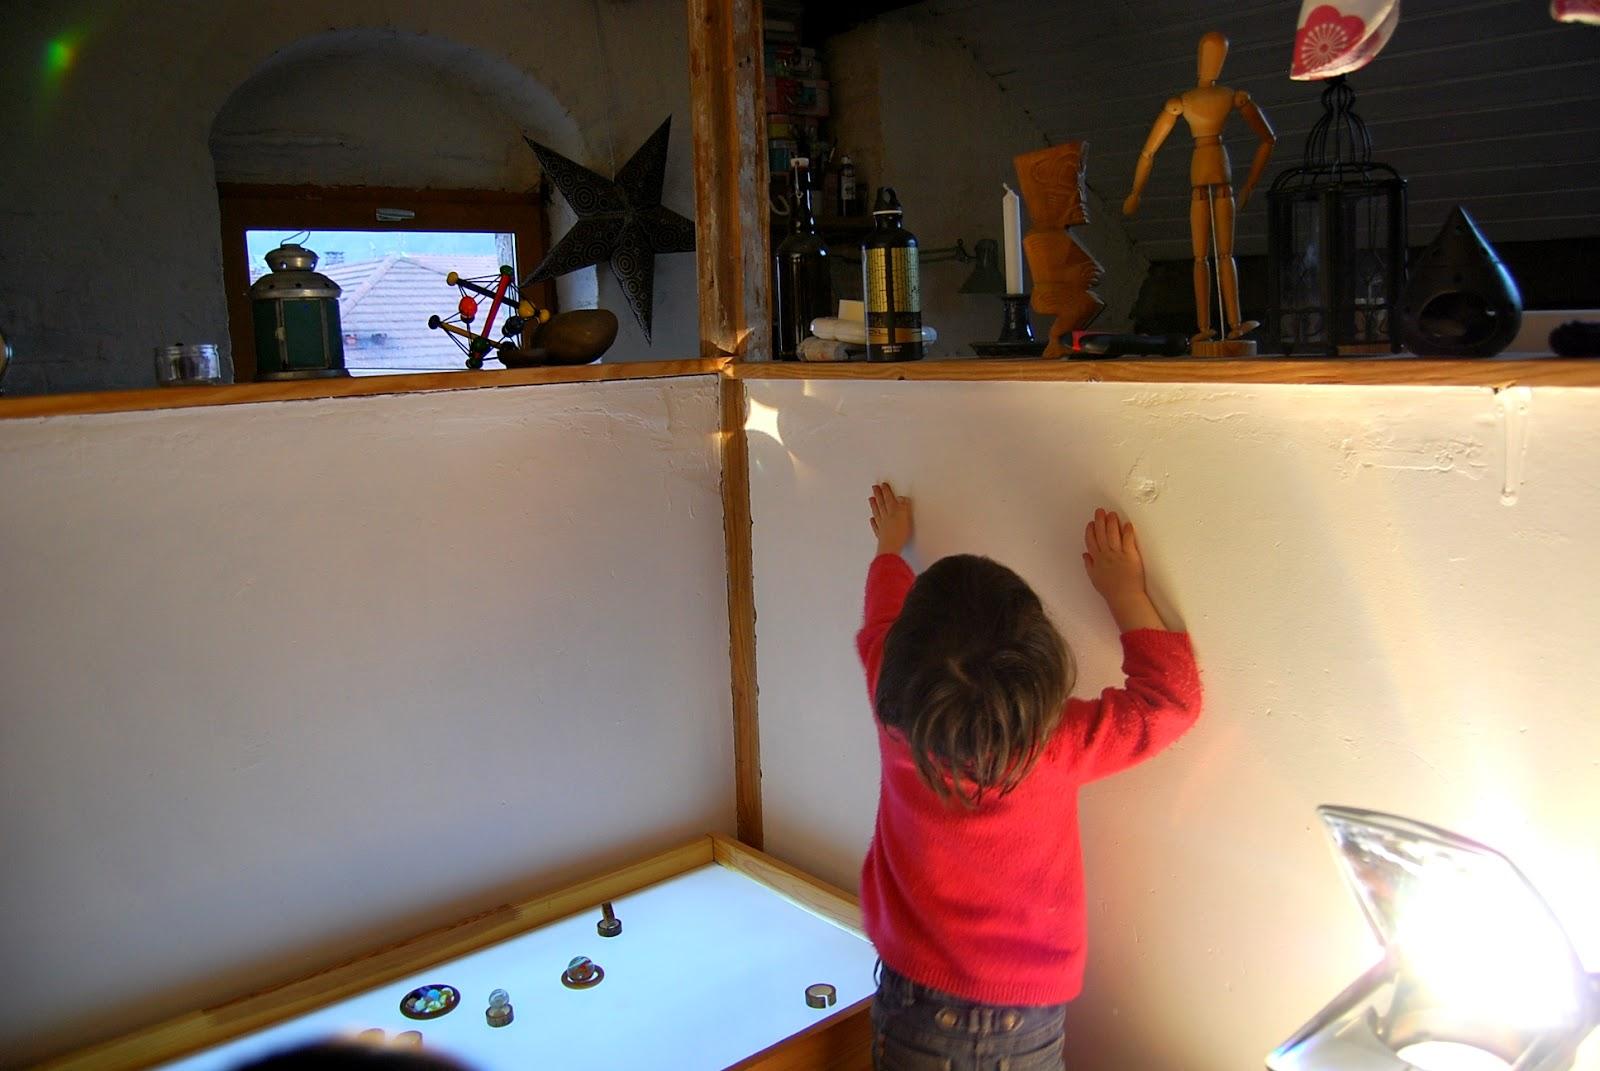 Merci qui merci montessori table lumineuse une - Table qui se replie contre le mur ...